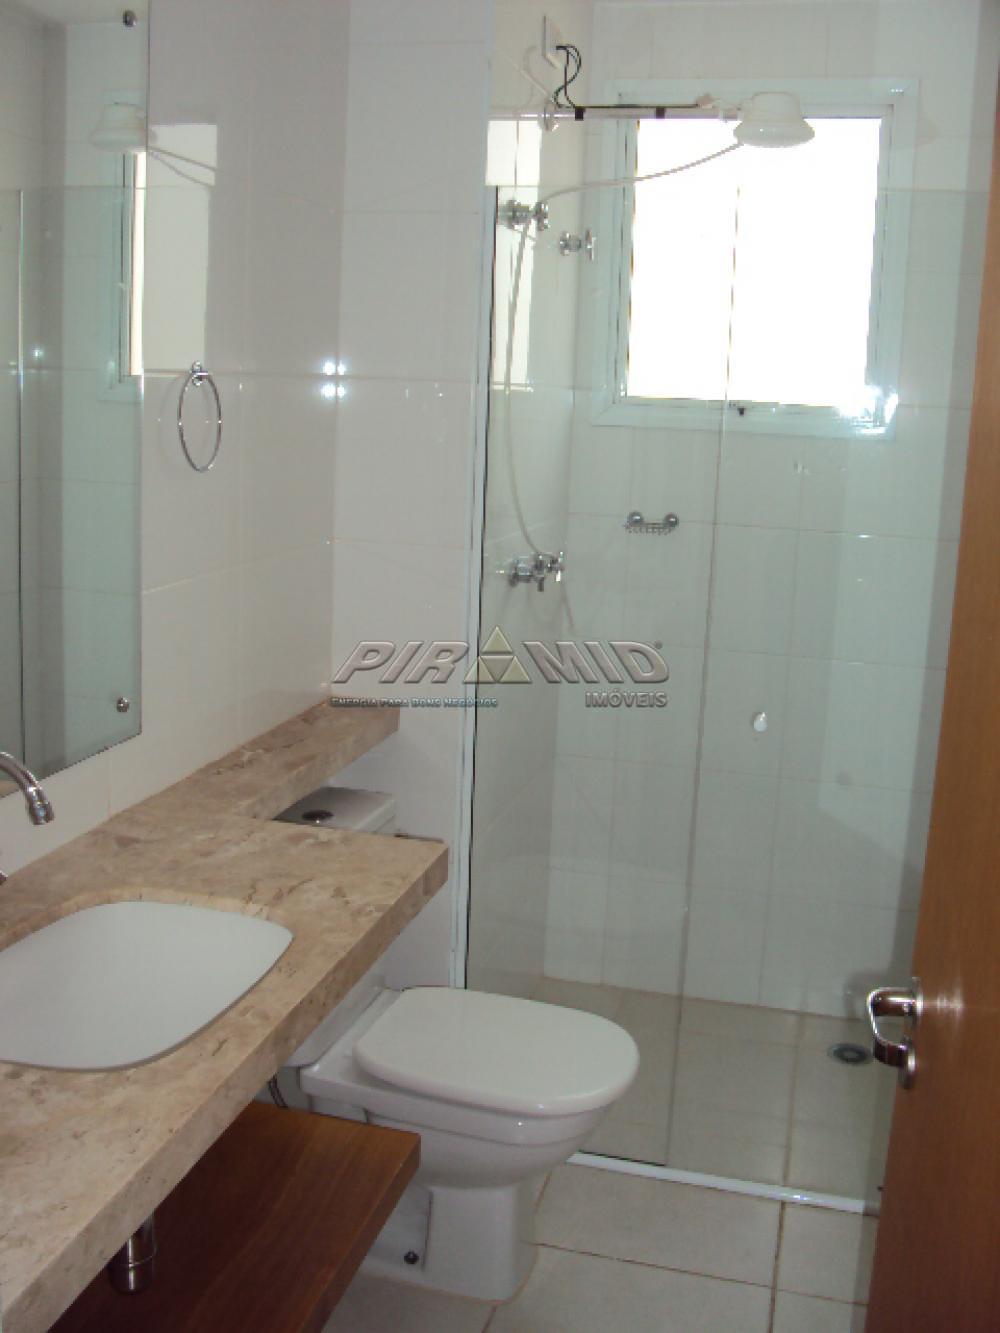 Alugar Apartamento / Padrão em Ribeirão Preto apenas R$ 1.950,00 - Foto 11